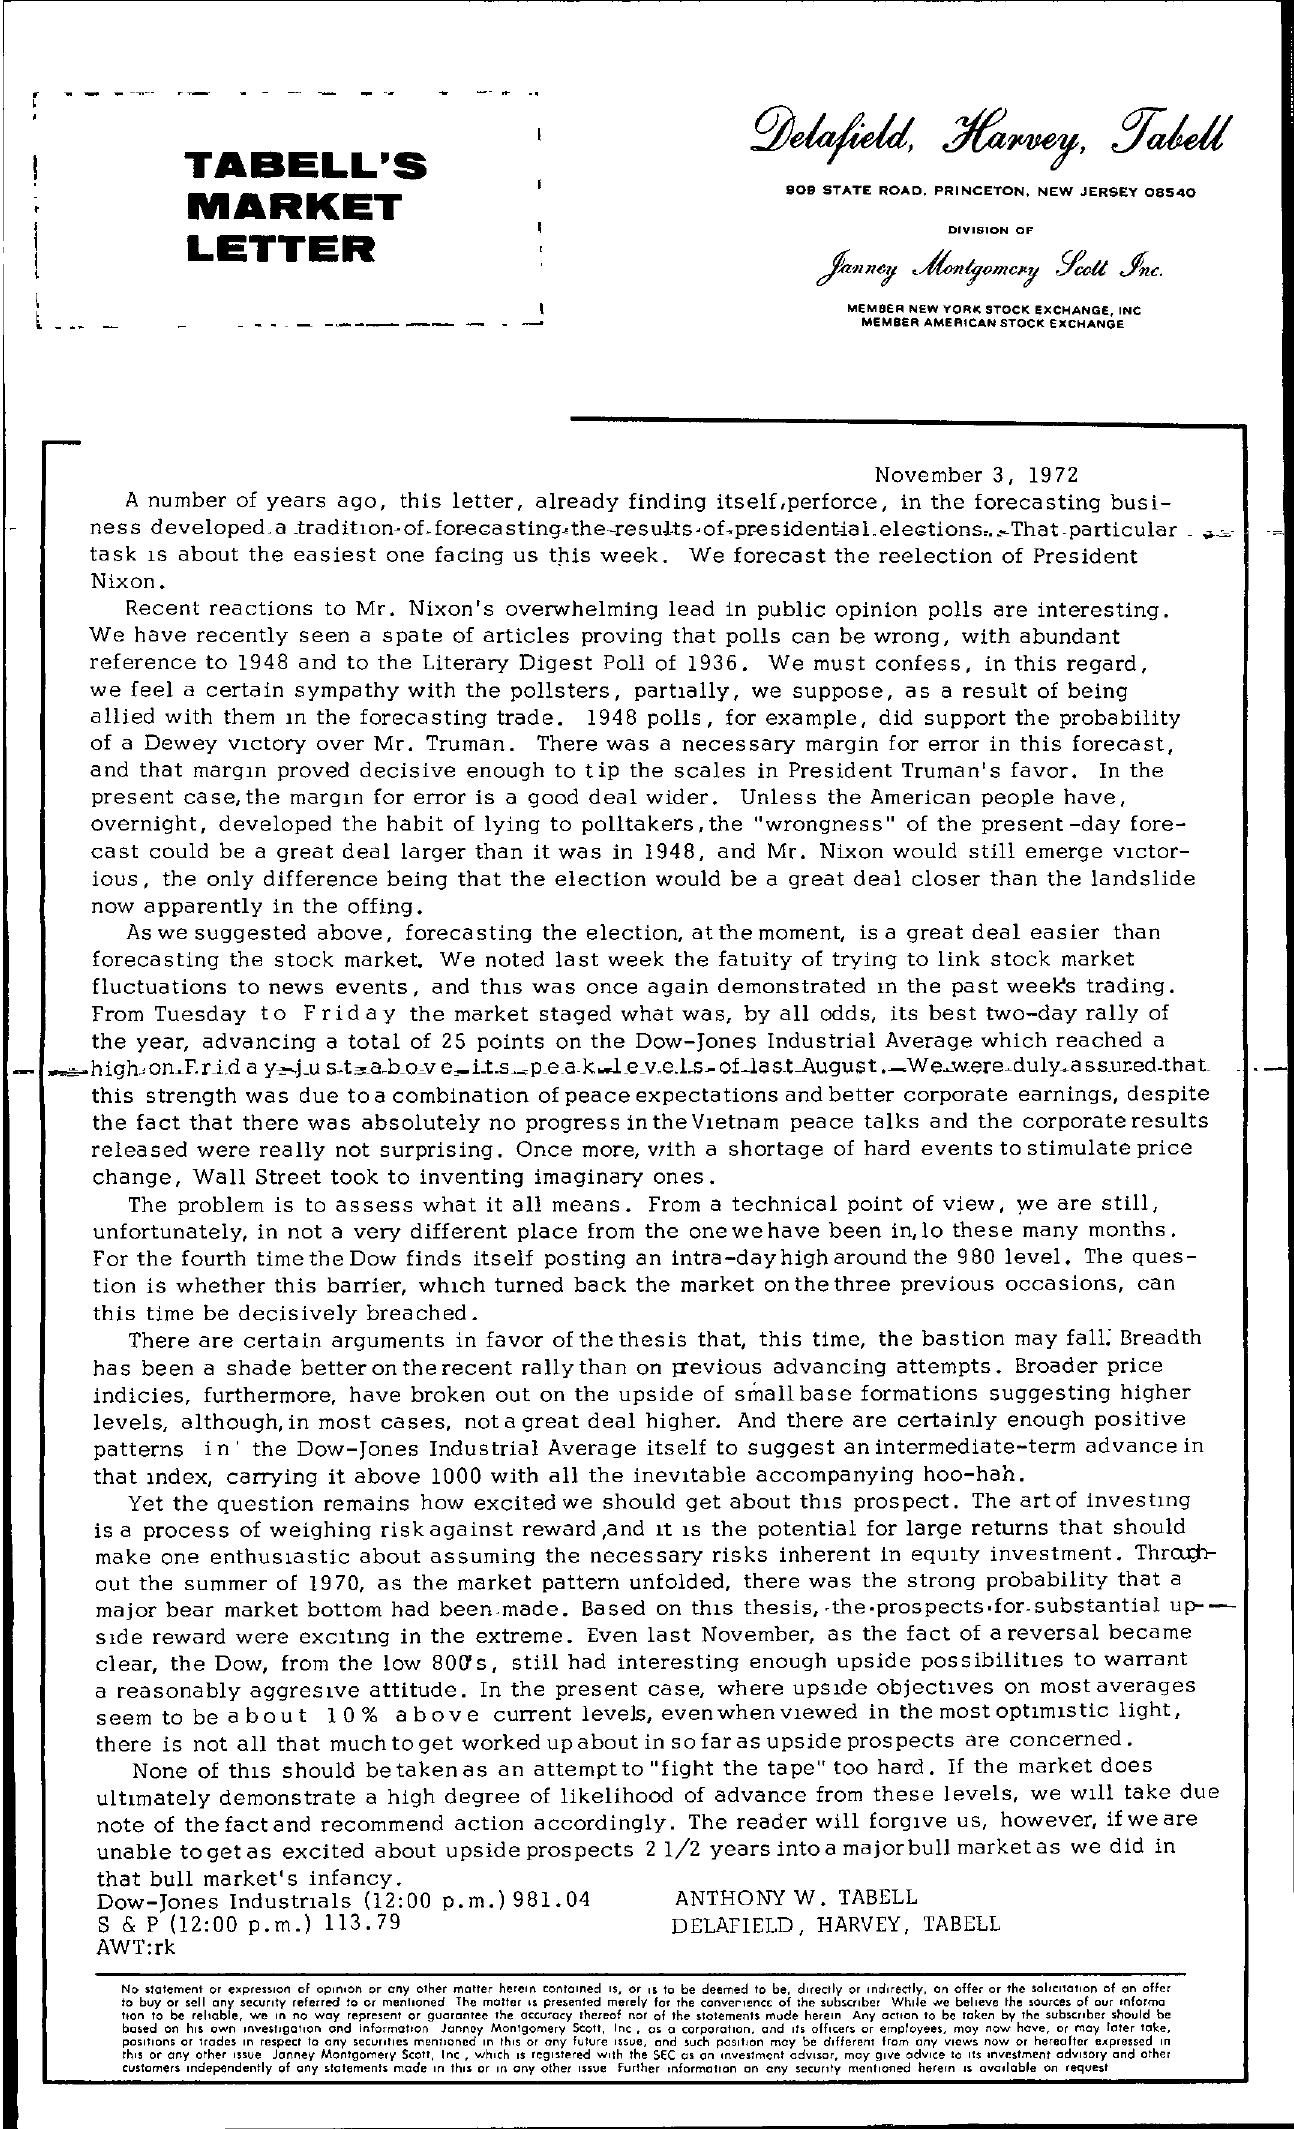 Tabell's Market Letter - November 03, 1972